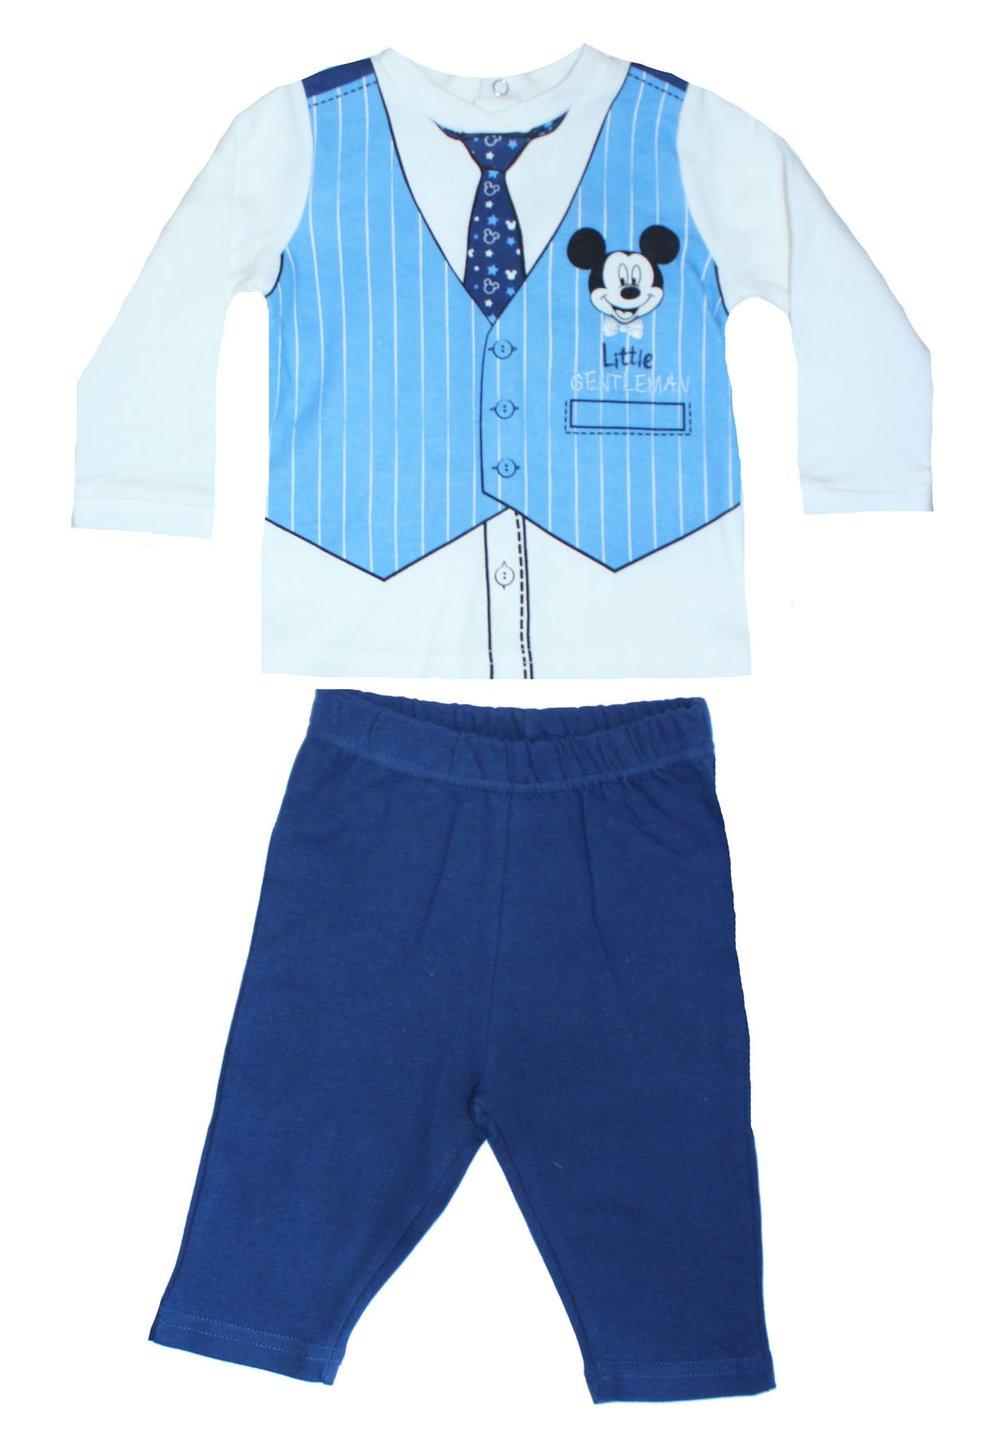 Compleu, Mickey, Little gentleman imagine